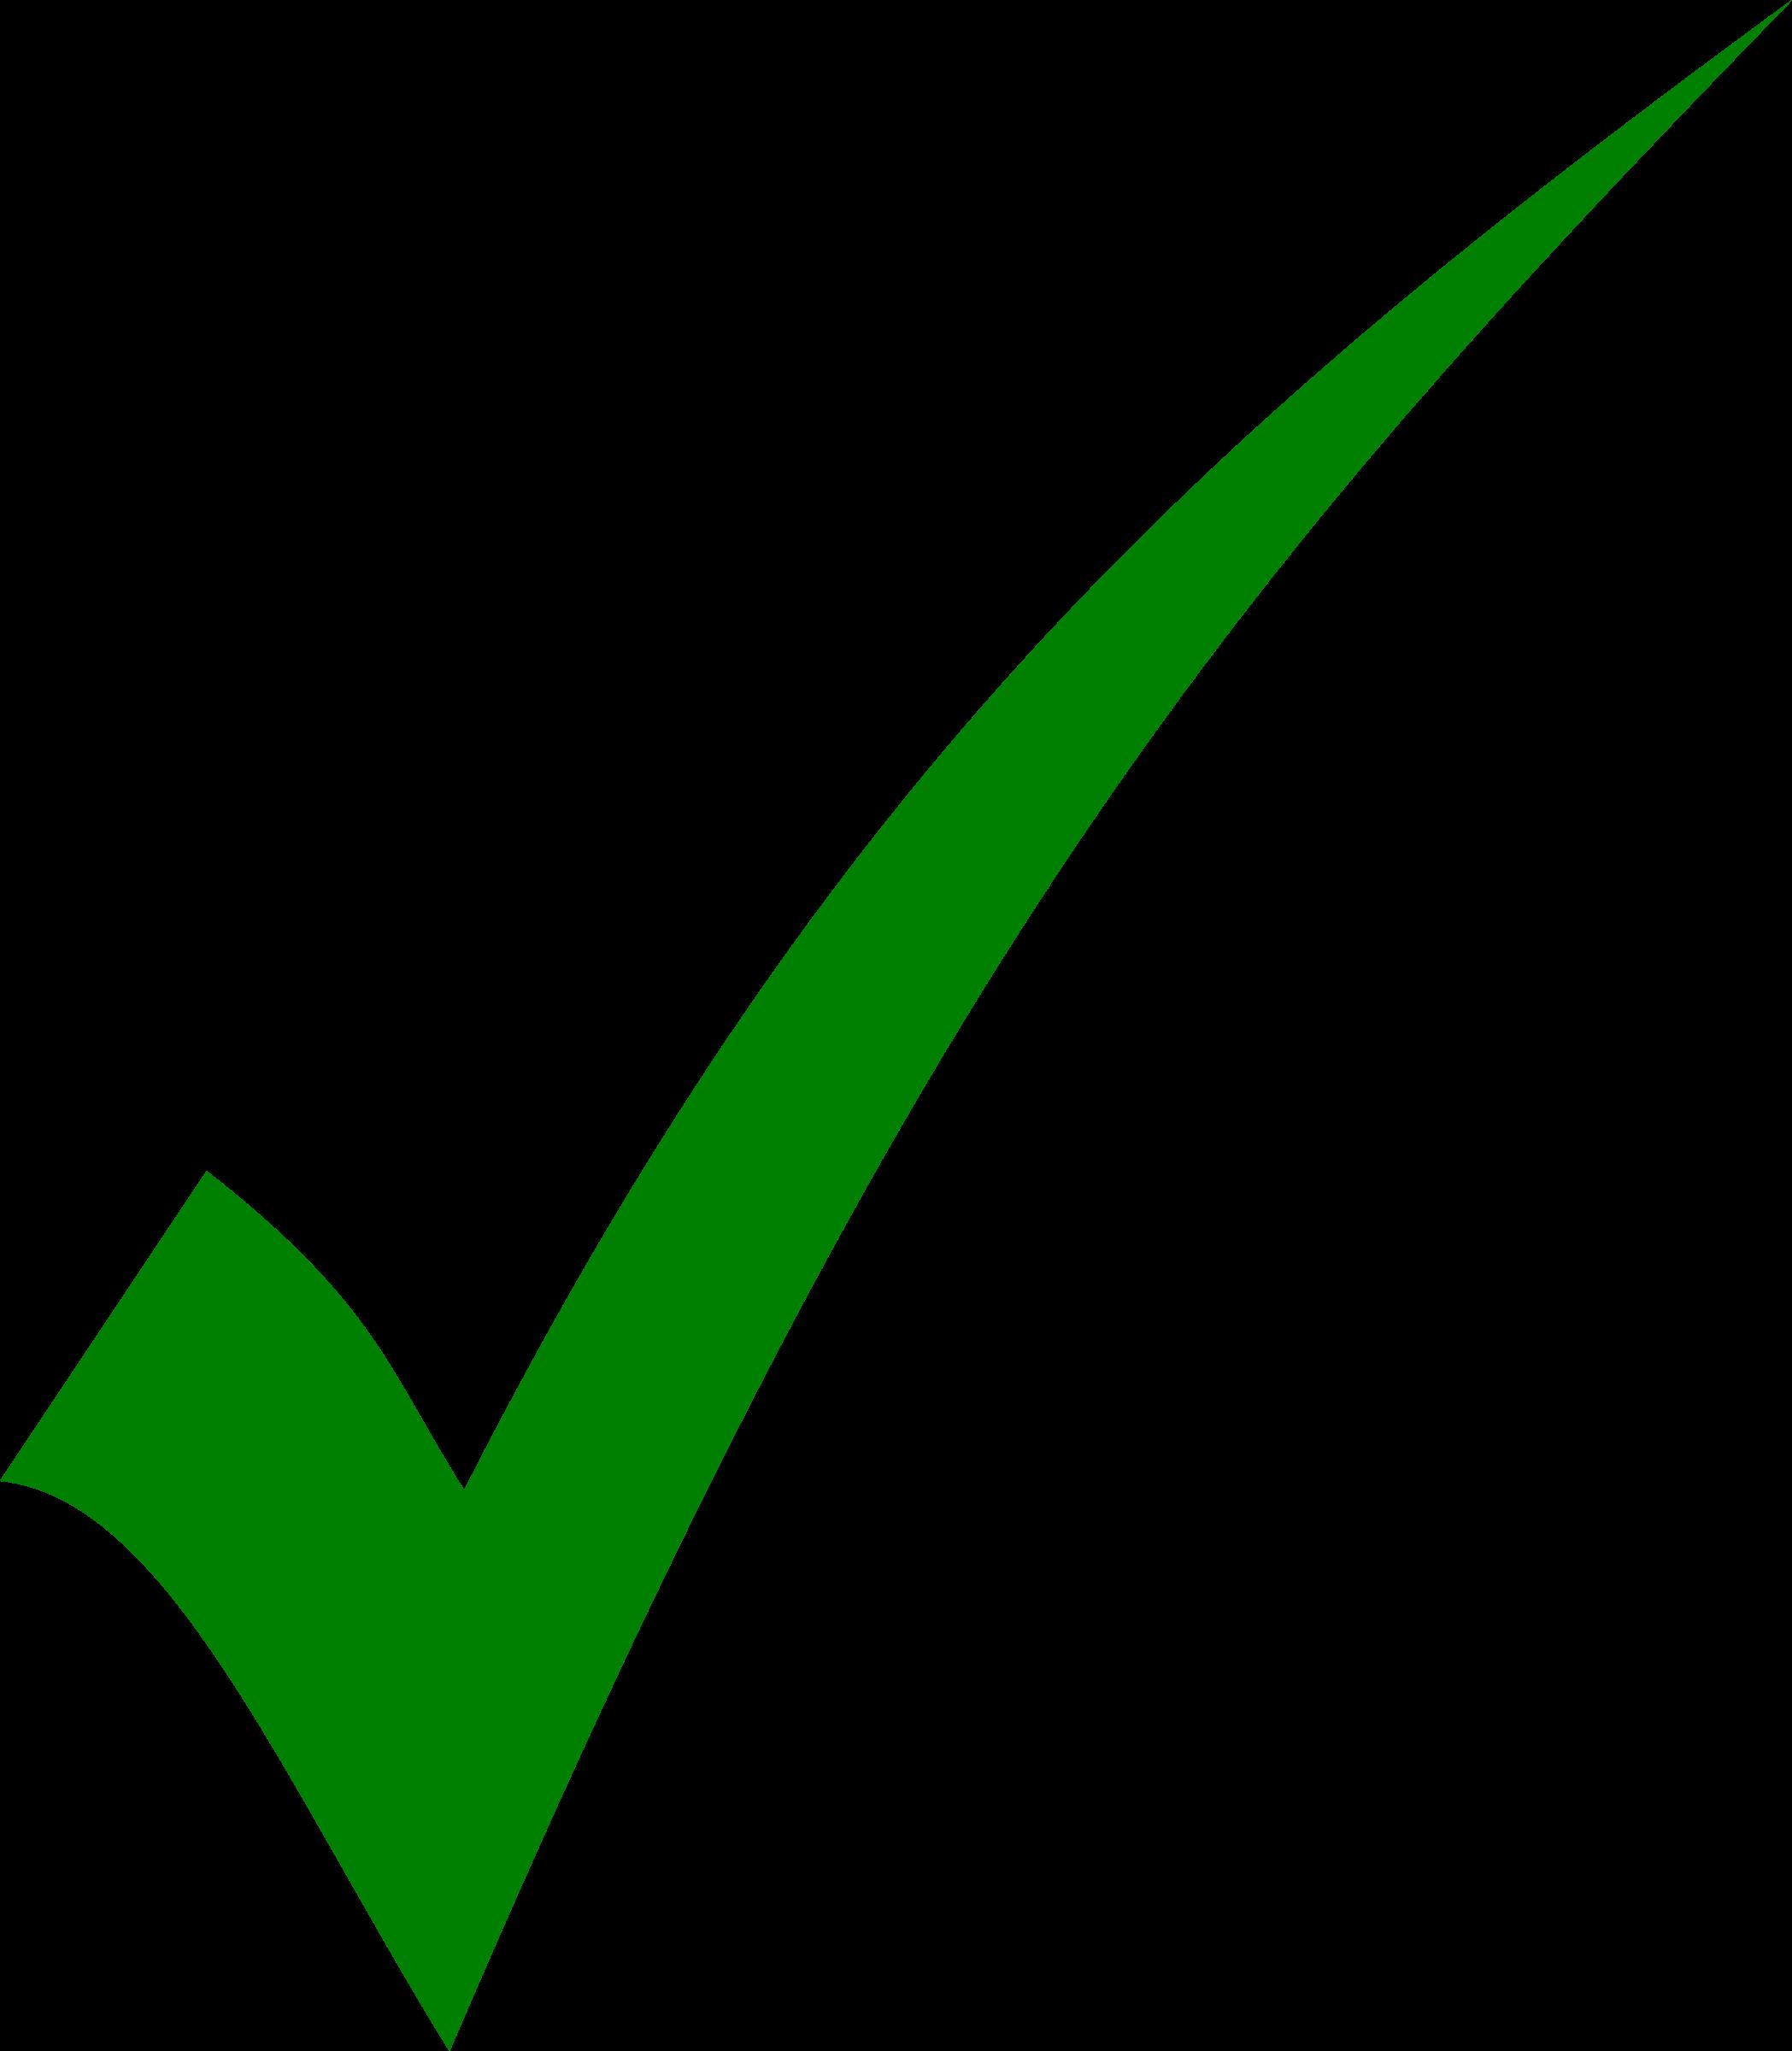 2097x2400 Check Mark Tick Icon Danaspad Top Clip Art